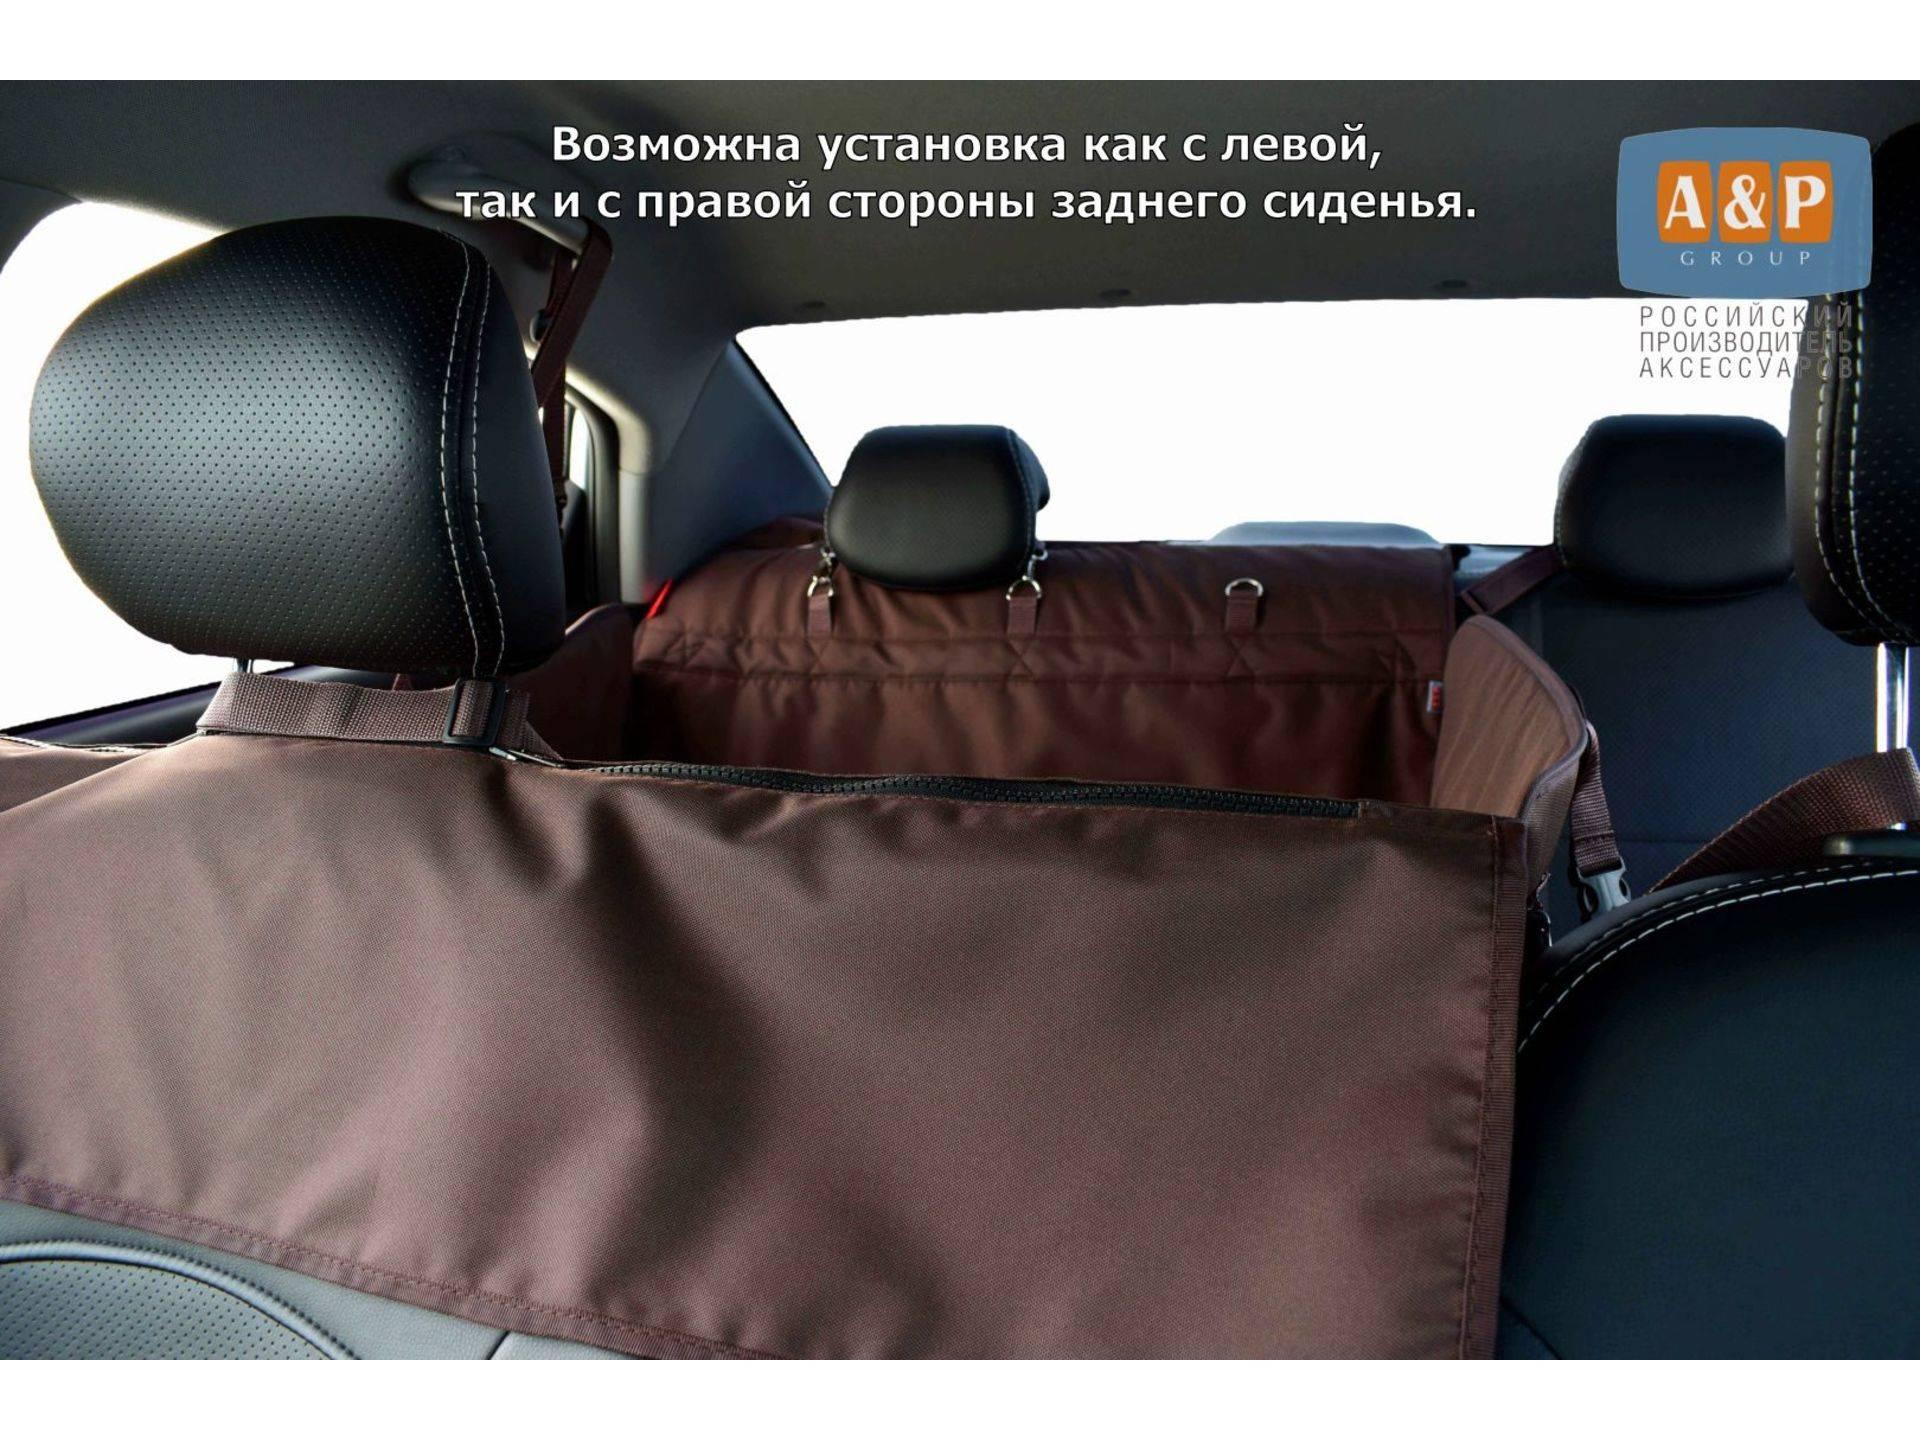 Перевозка собаки в автомобиле: правила путешествий, приспособления - гамак, чехол, накидка, как перевозить крупных питомцев